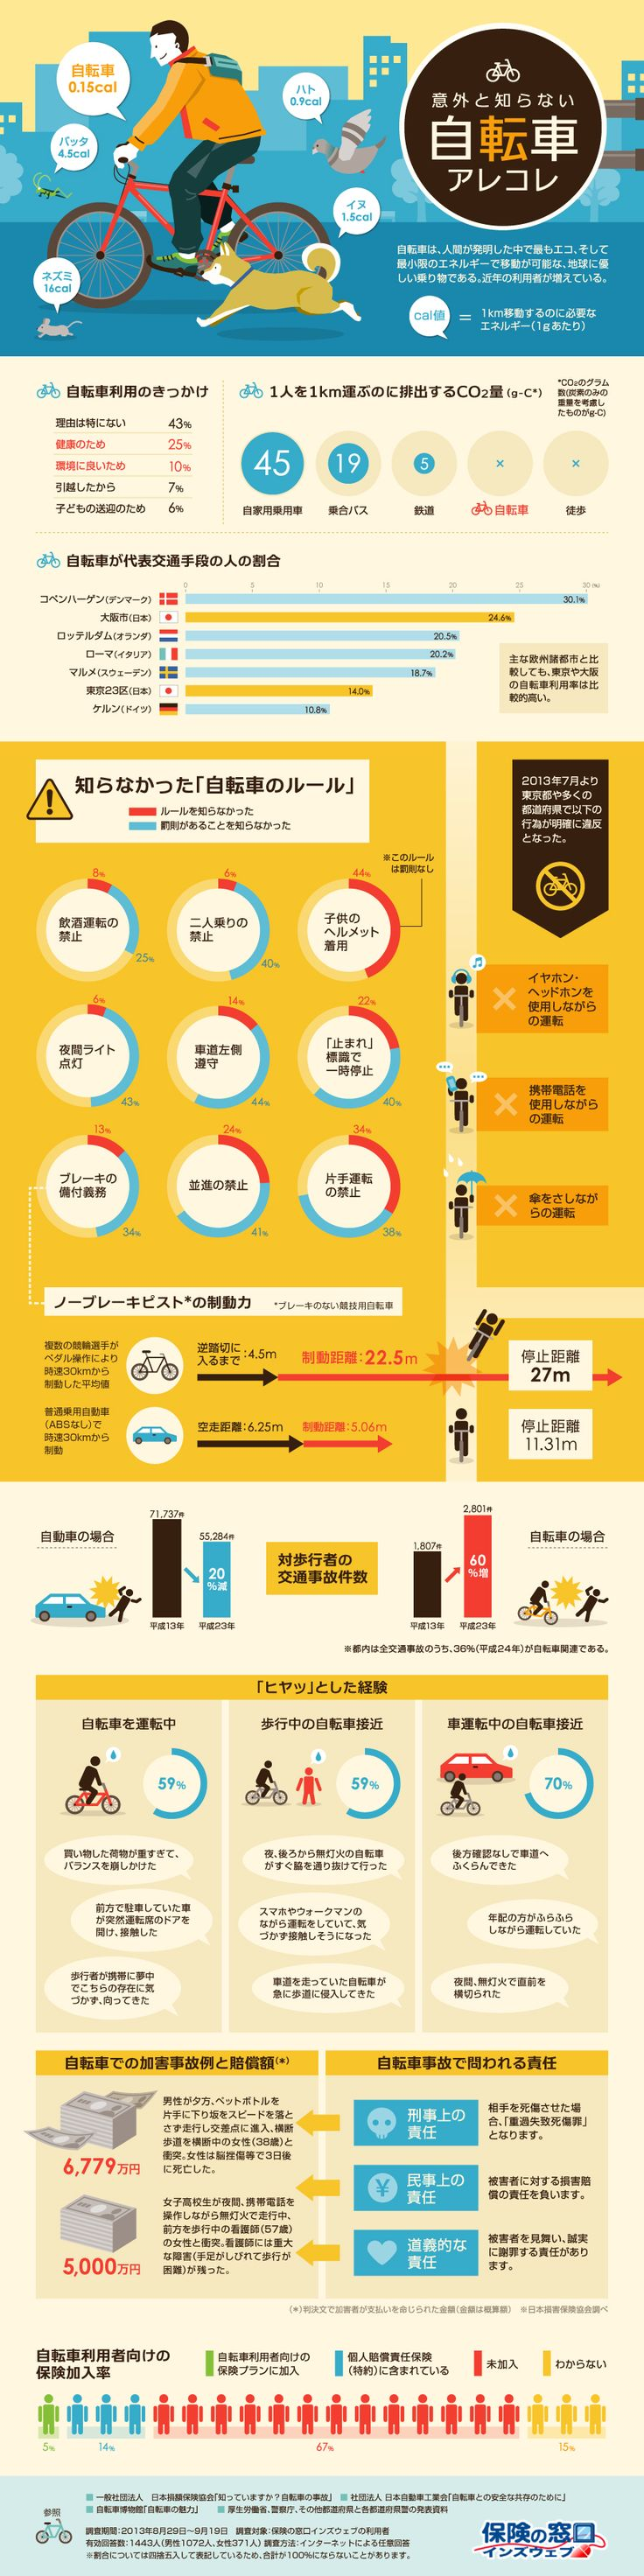 自転車ルールや事故に関するインフォグラフィック | infographic.jp − インフォグラフィックス by econte